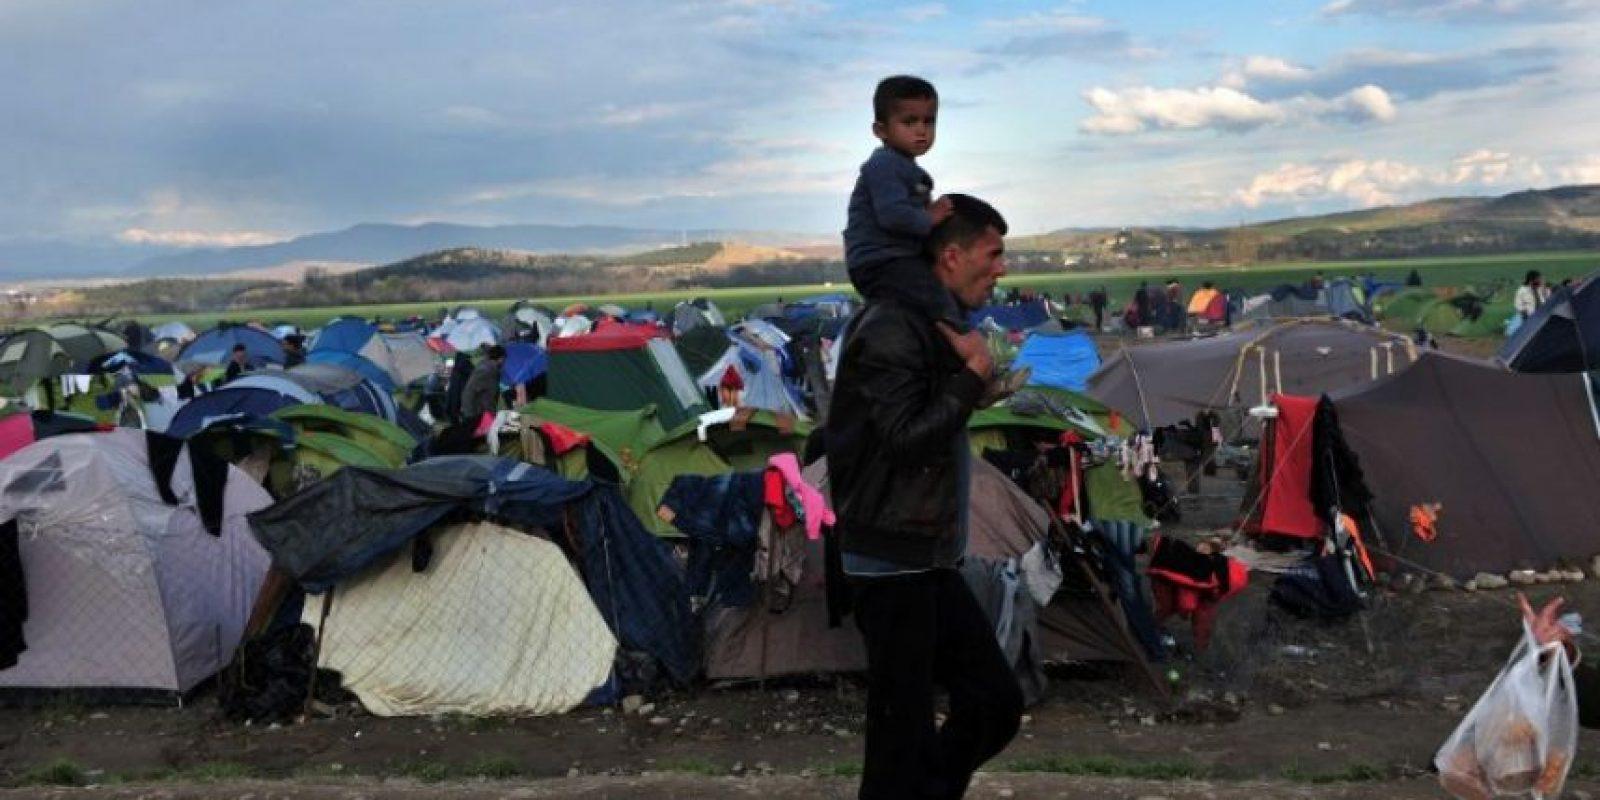 El mayor número de refugiados proceden de Siria, Afganistán e Irak. Foto:AFP